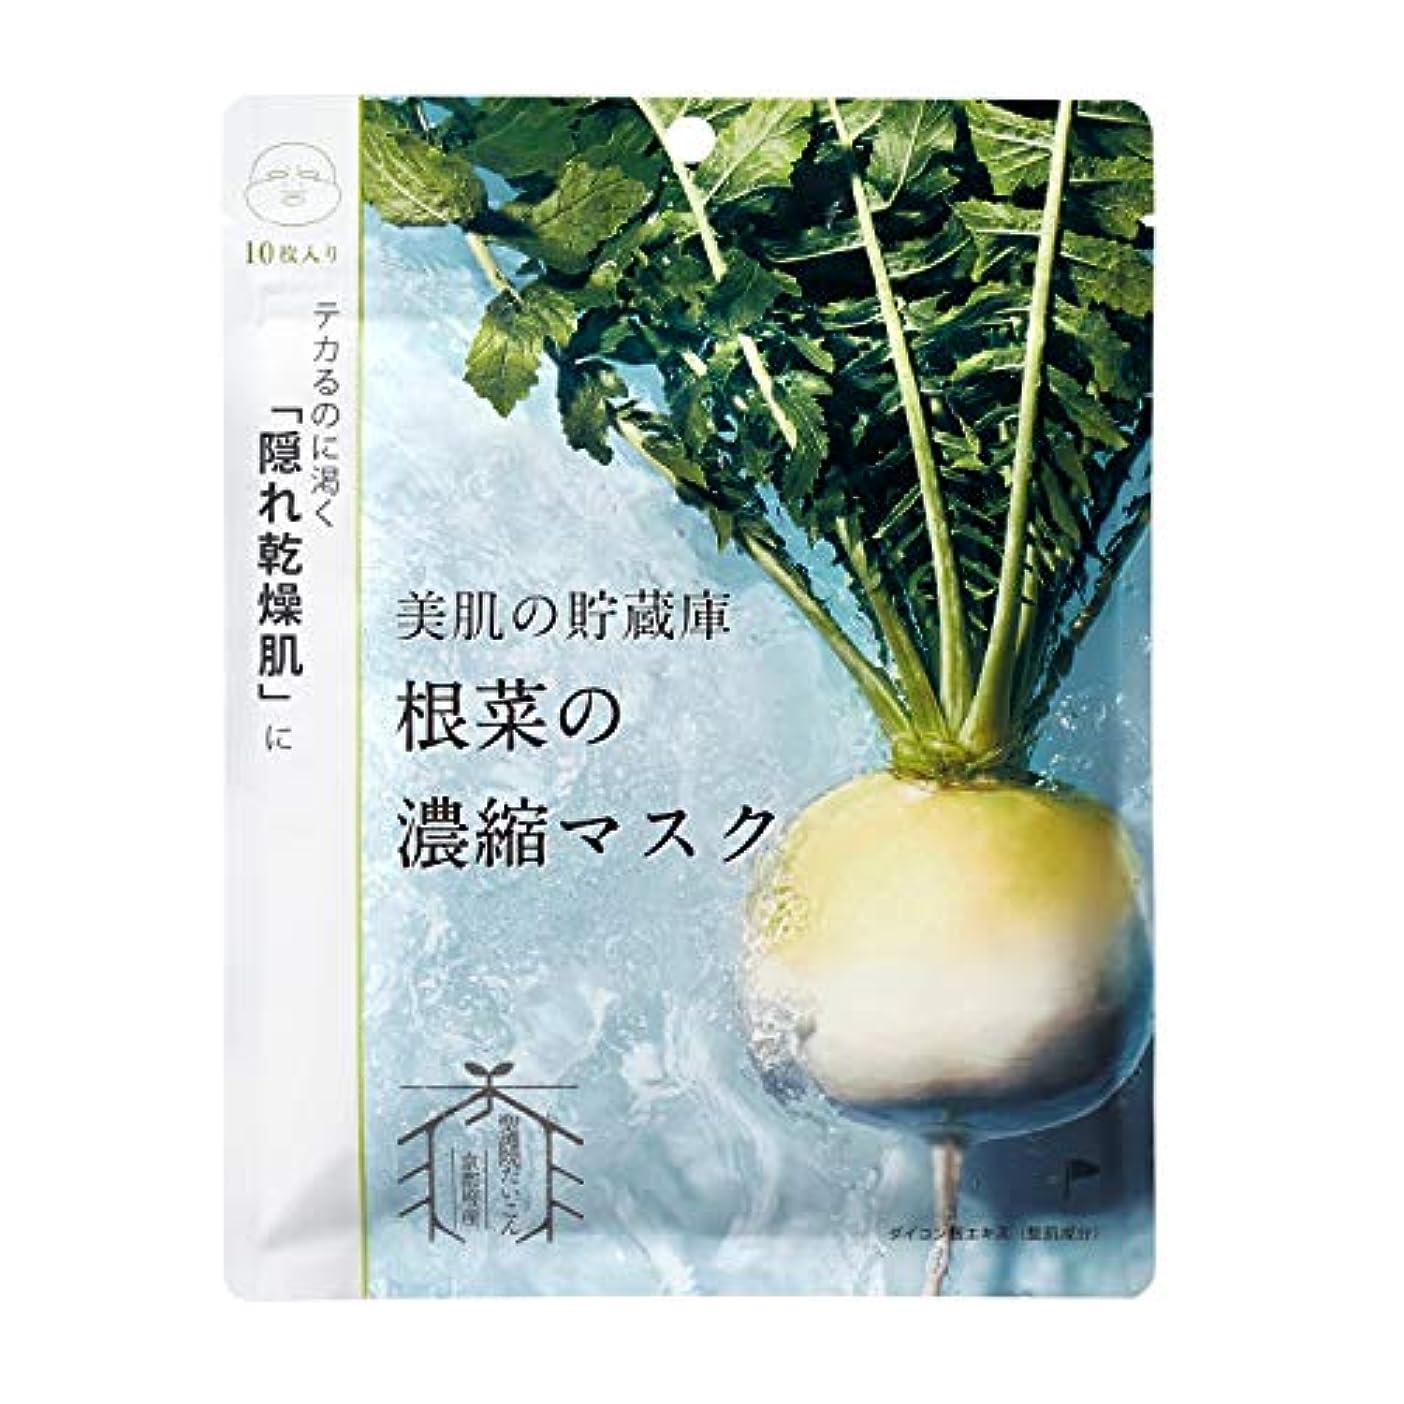 代表して優雅プール@cosme nippon 美肌の貯蔵庫 根菜の濃縮マスク 聖護院だいこん 10枚入 148ml